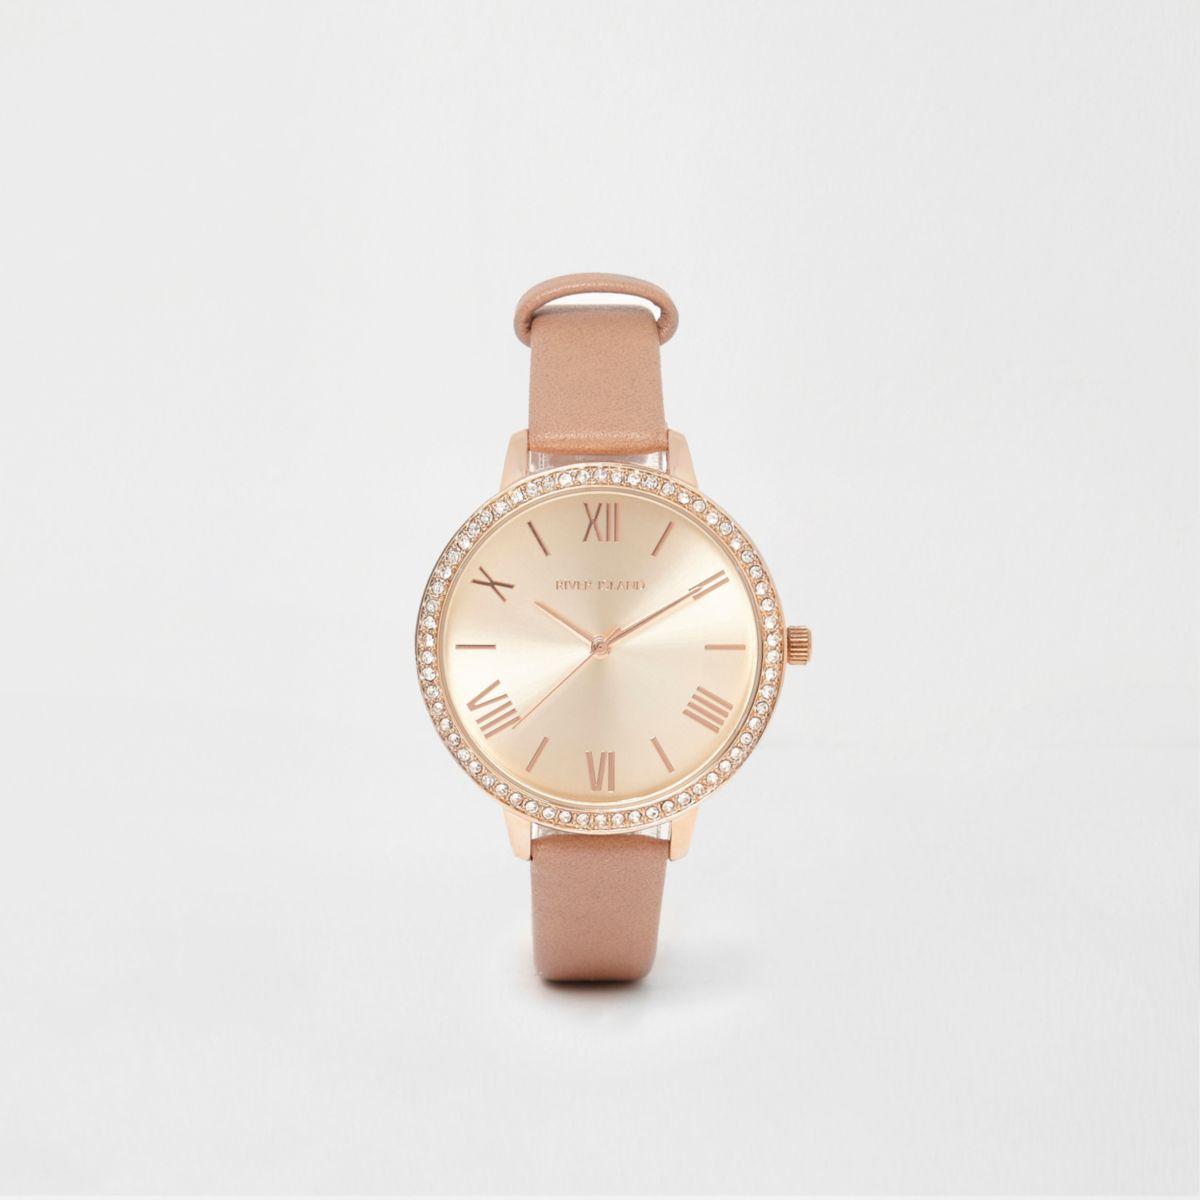 Armbanduhr in Beige und Roségold